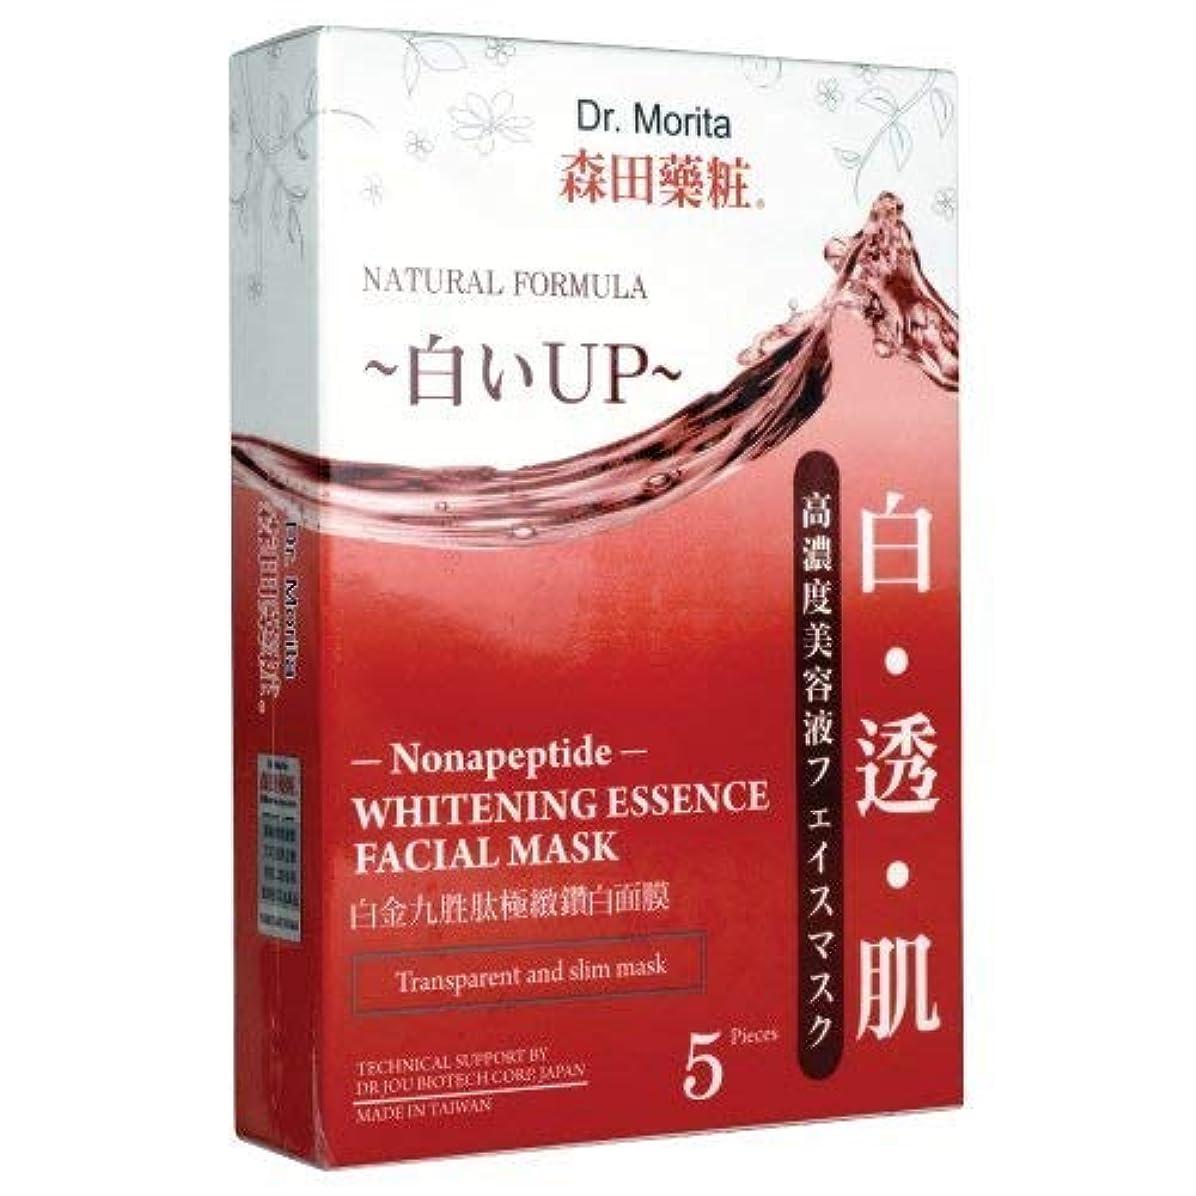 制約慈悲要求Doctor Morita 皮膚はしなやかでしっとりするようにナノペプチドは、マスク5皮膚とのバランス肌の水分レベルをホワイトニング。